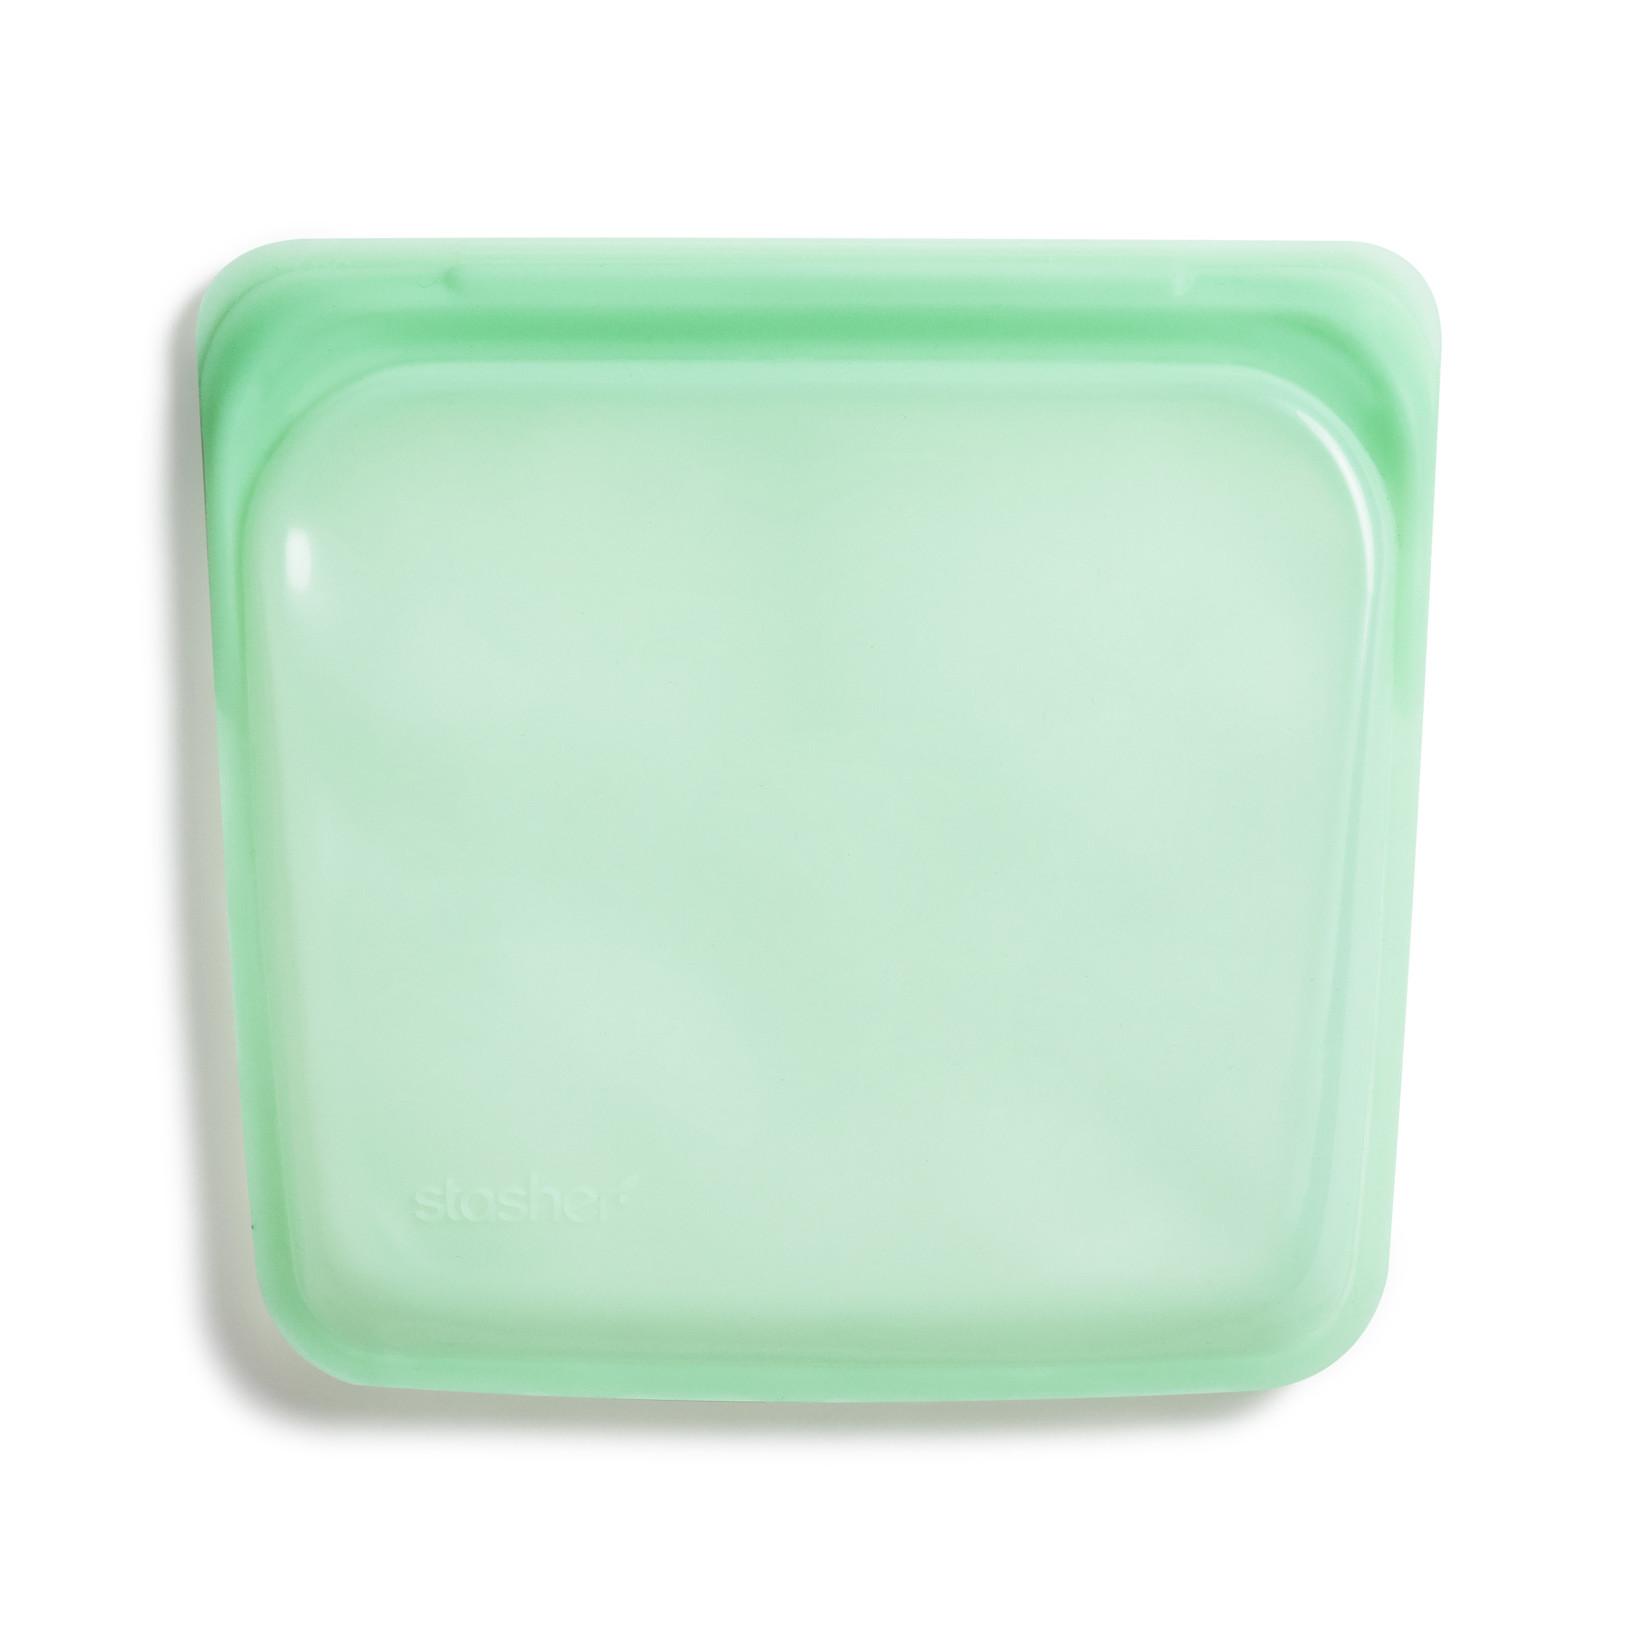 Stasher STASHER - reusable silicone sandwich bag - 450ml